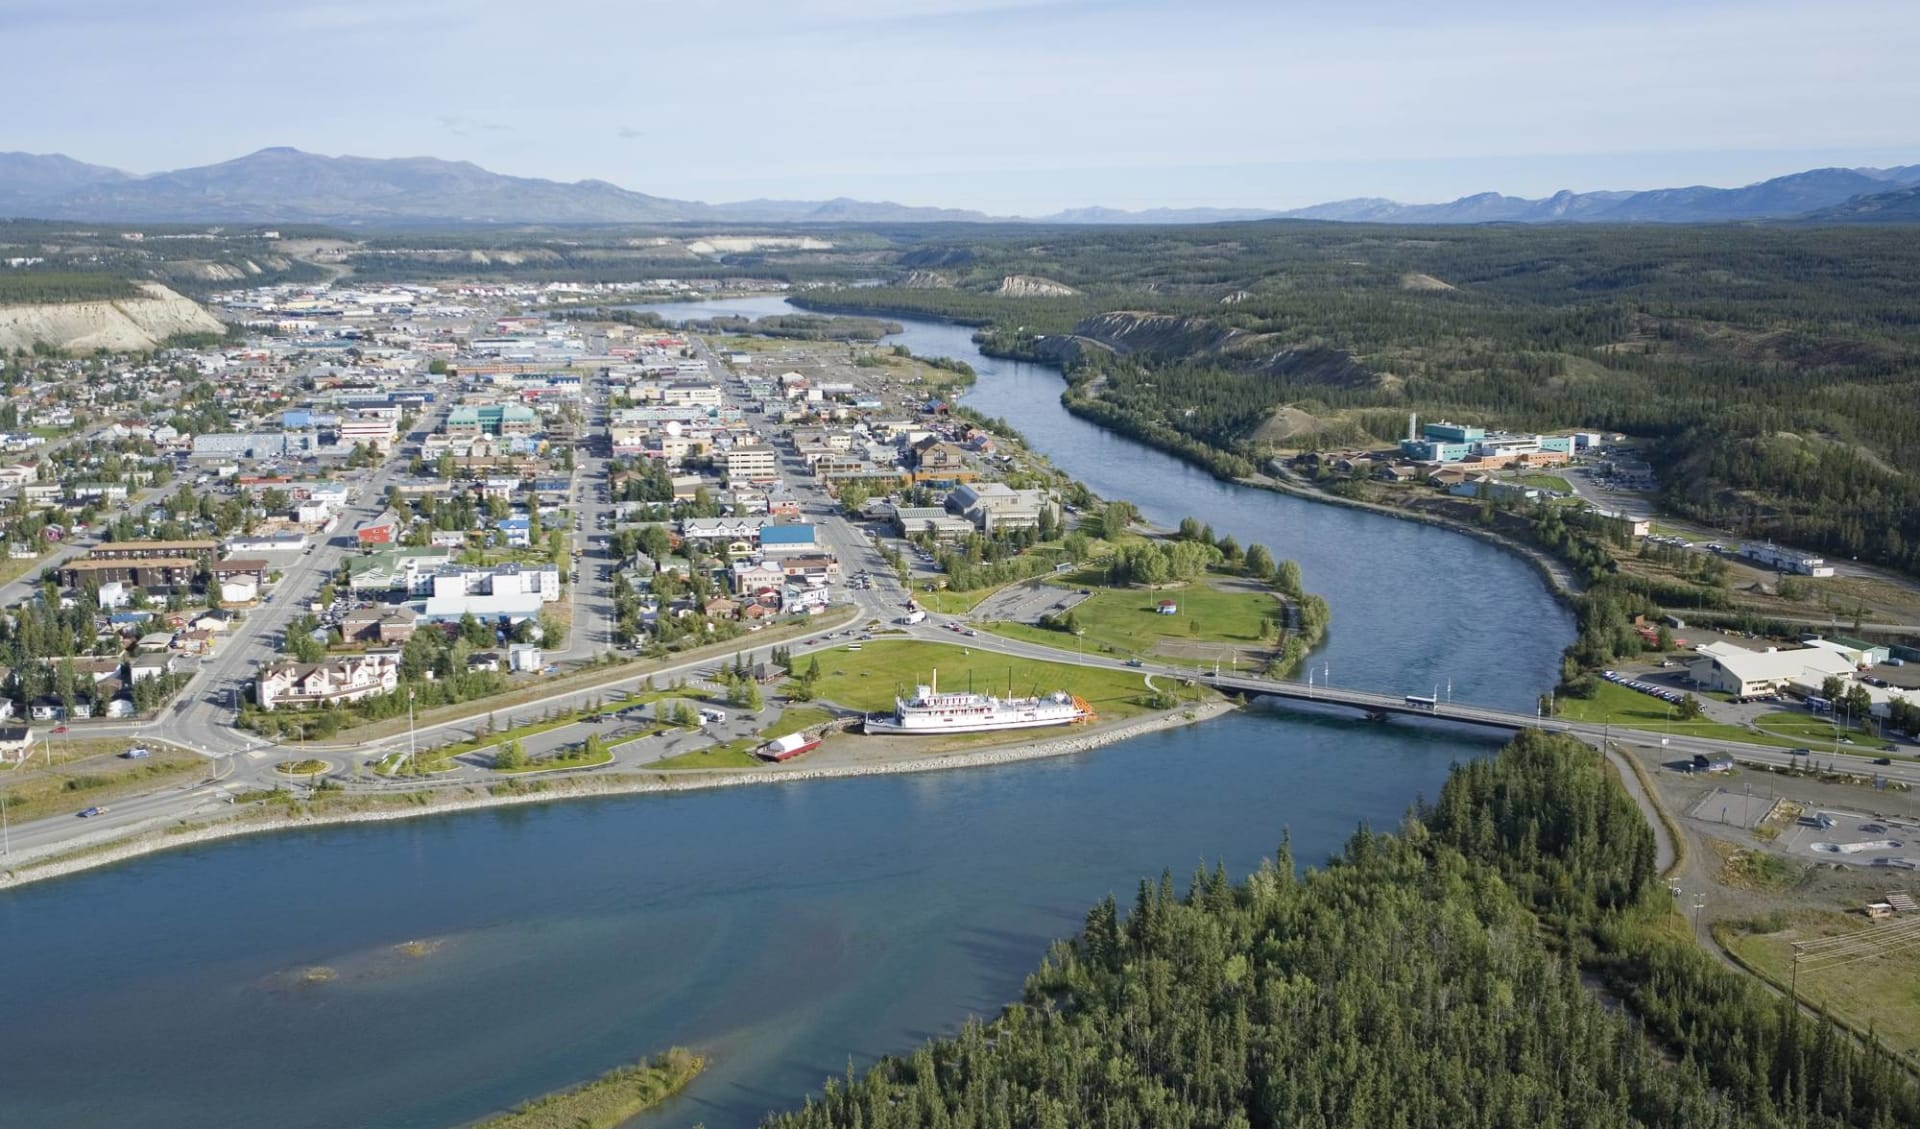 Yukon River Abenteuer ab Whitehorse: 2014_84_Whitehorse